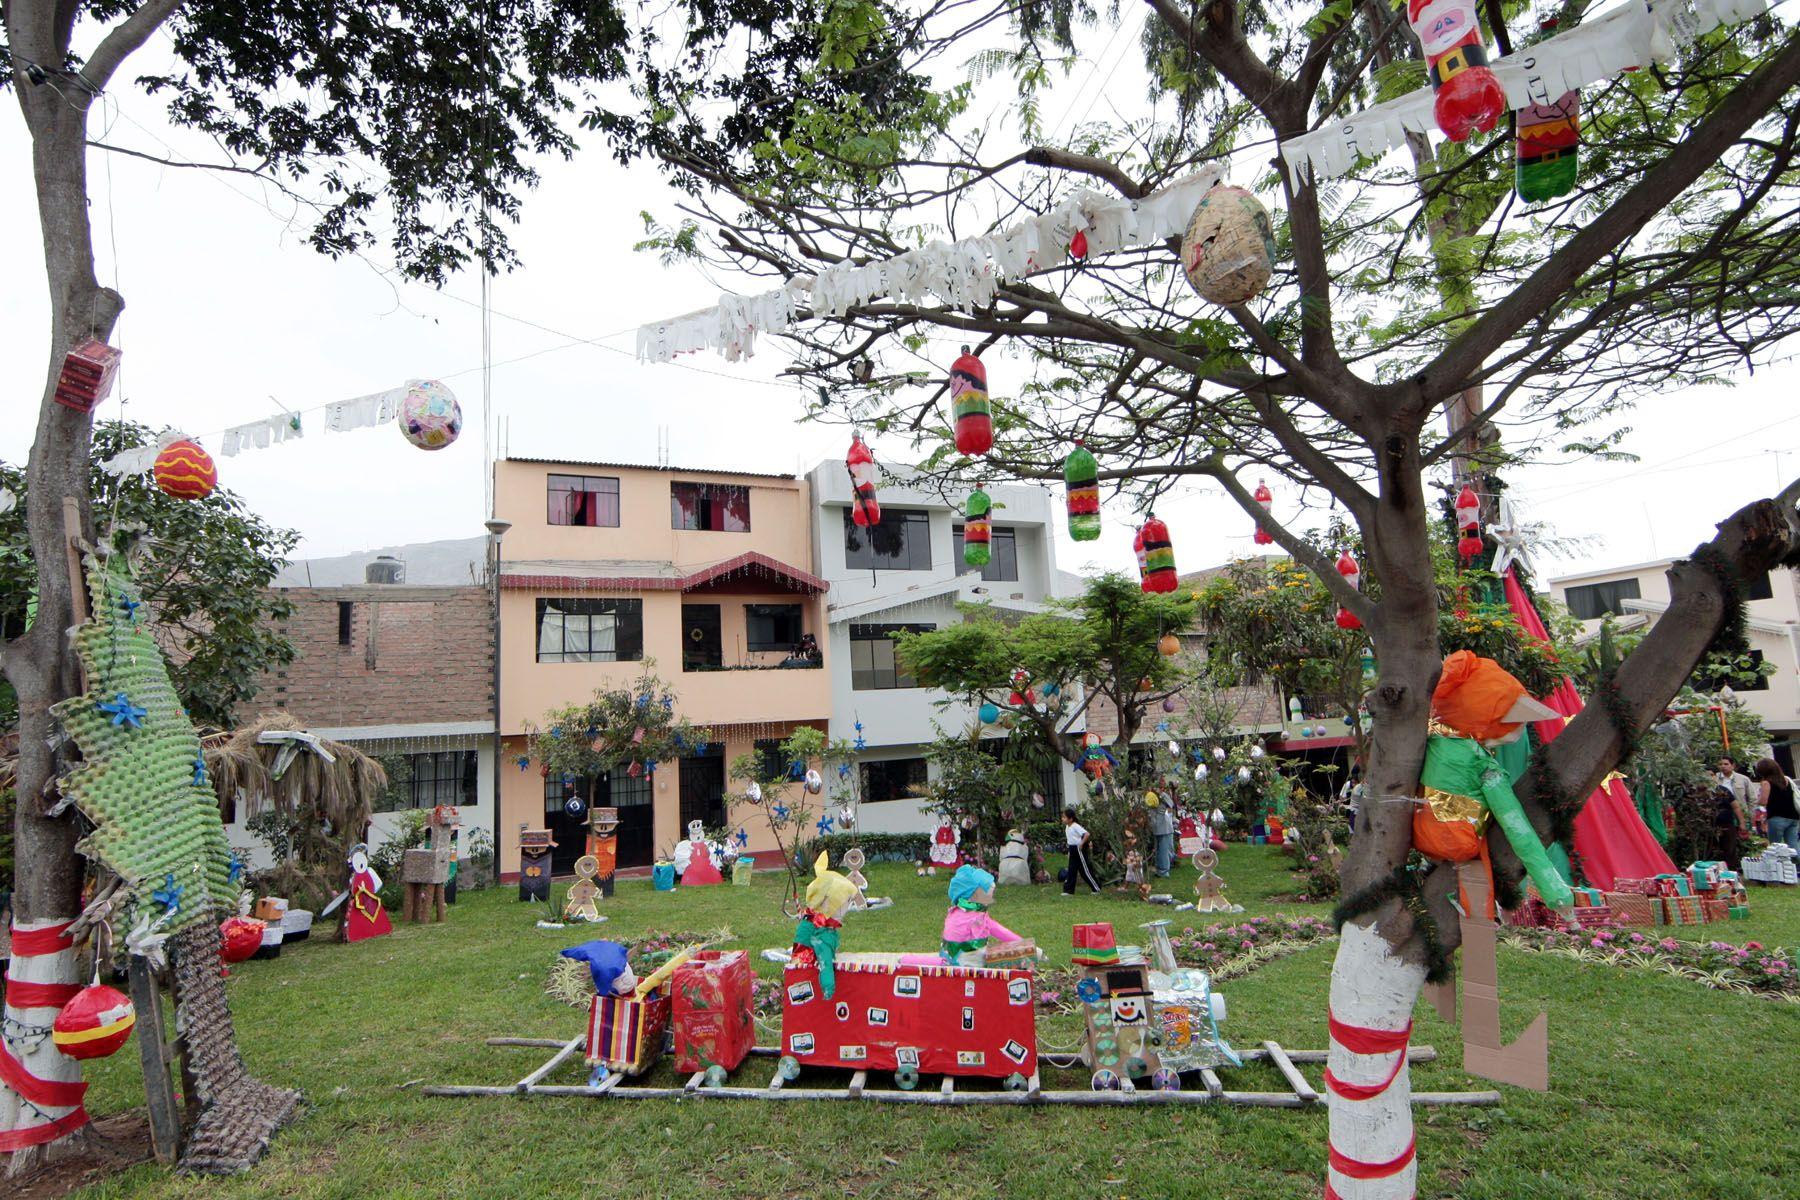 Arreglos navideños con materiales reciclados en parques de La Molina.Foto: ANDINA/Carlos Lezama